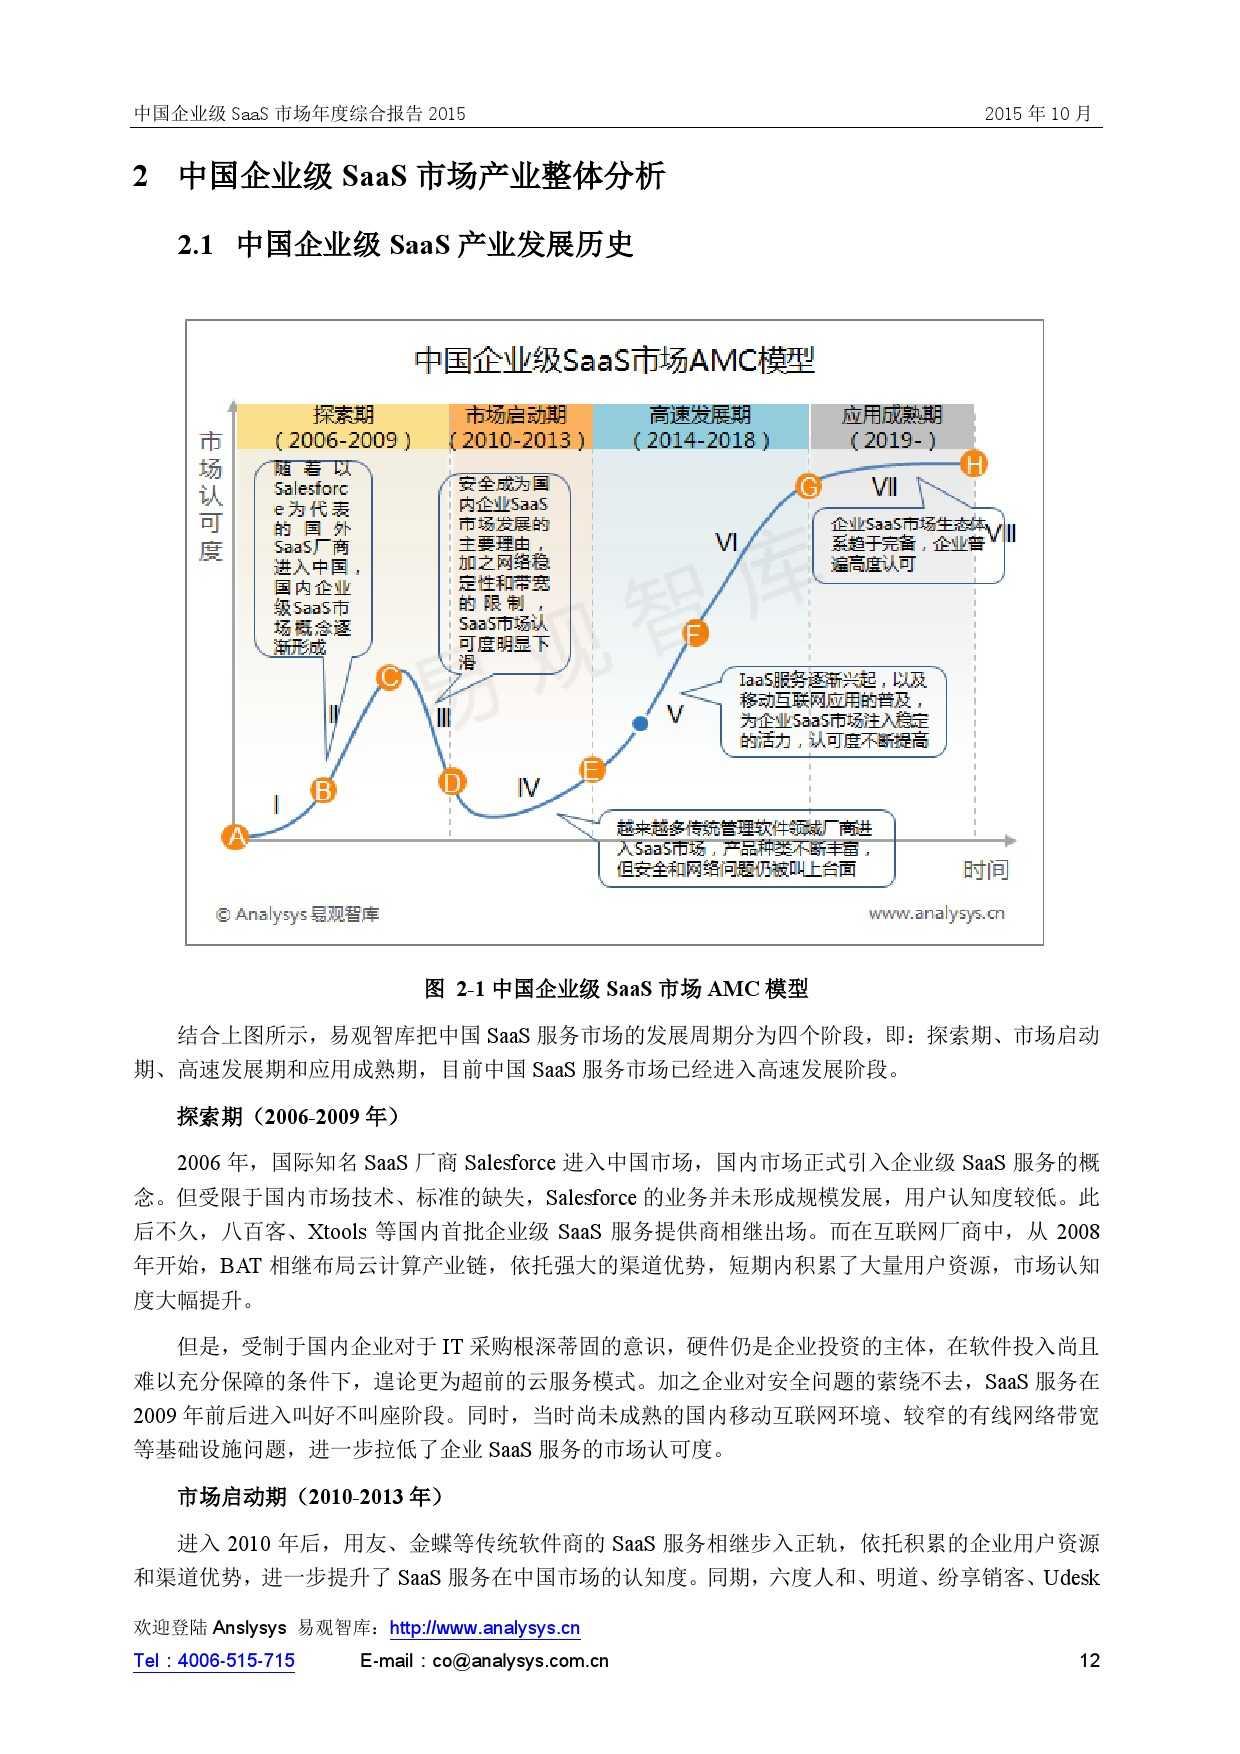 中国企业级SaaS市场年度综合报告2015 01_000012